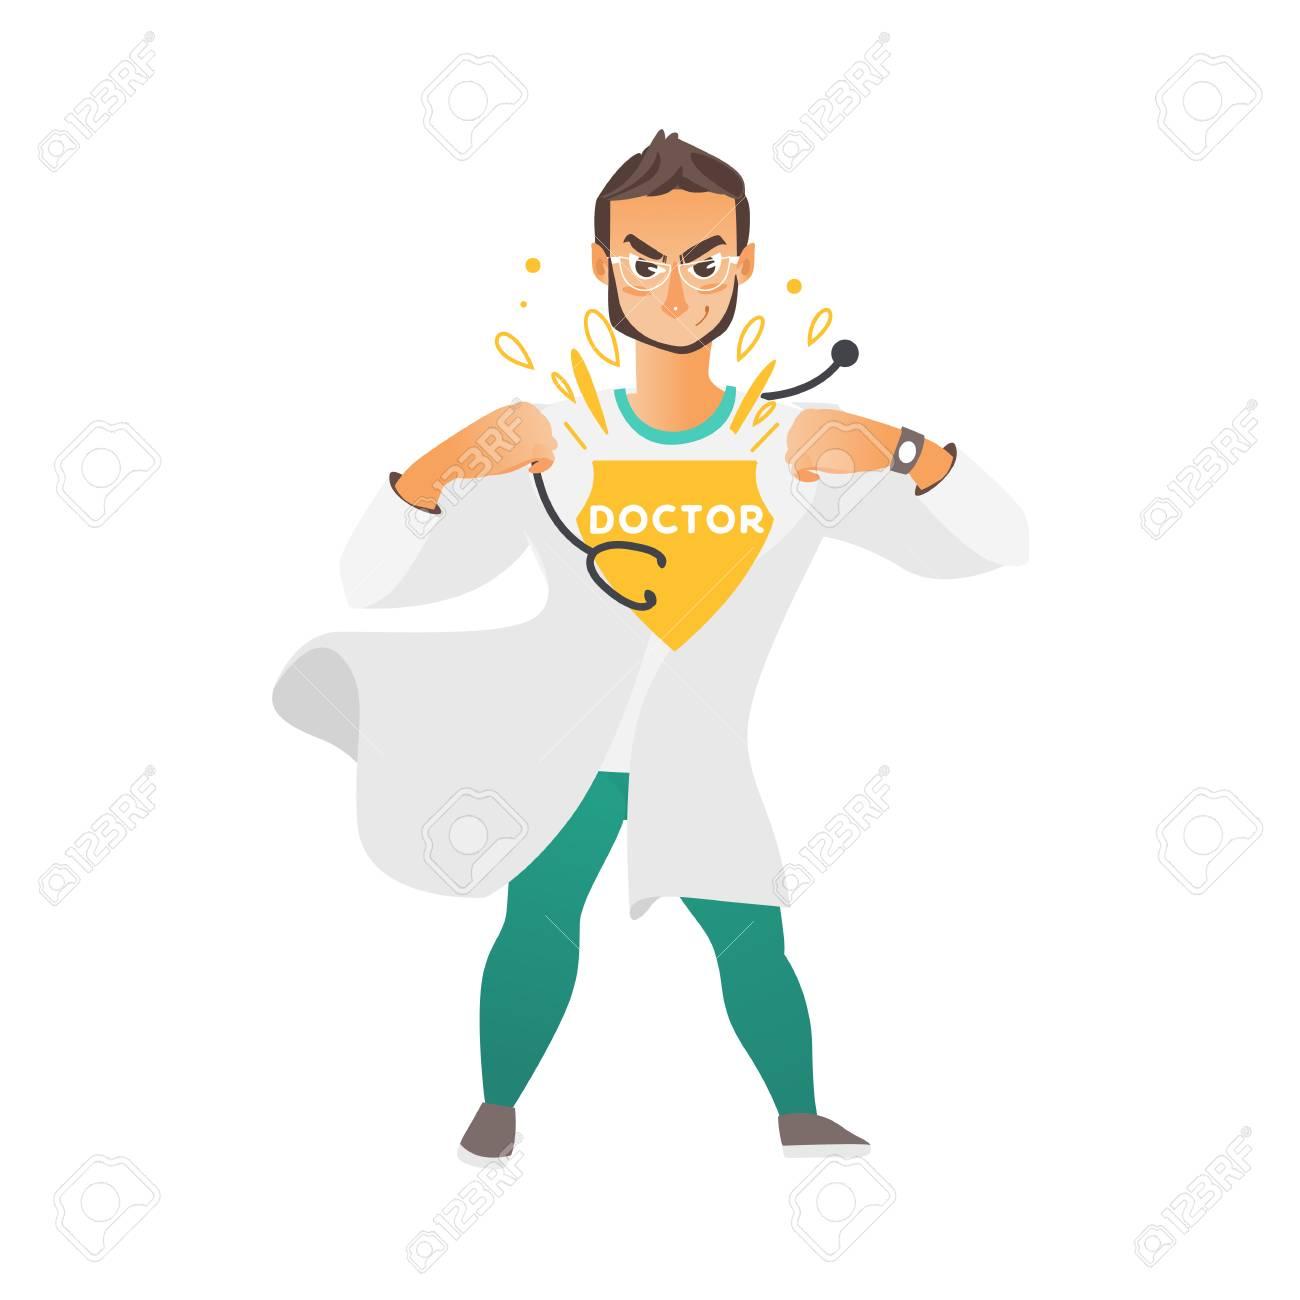 Desenho Vetorial Desenho Animado Jovem Super Doutor Masculino Médico Bonito Em Roupas Médicas Vestido Branco E óculos Sorrindo Ilustração